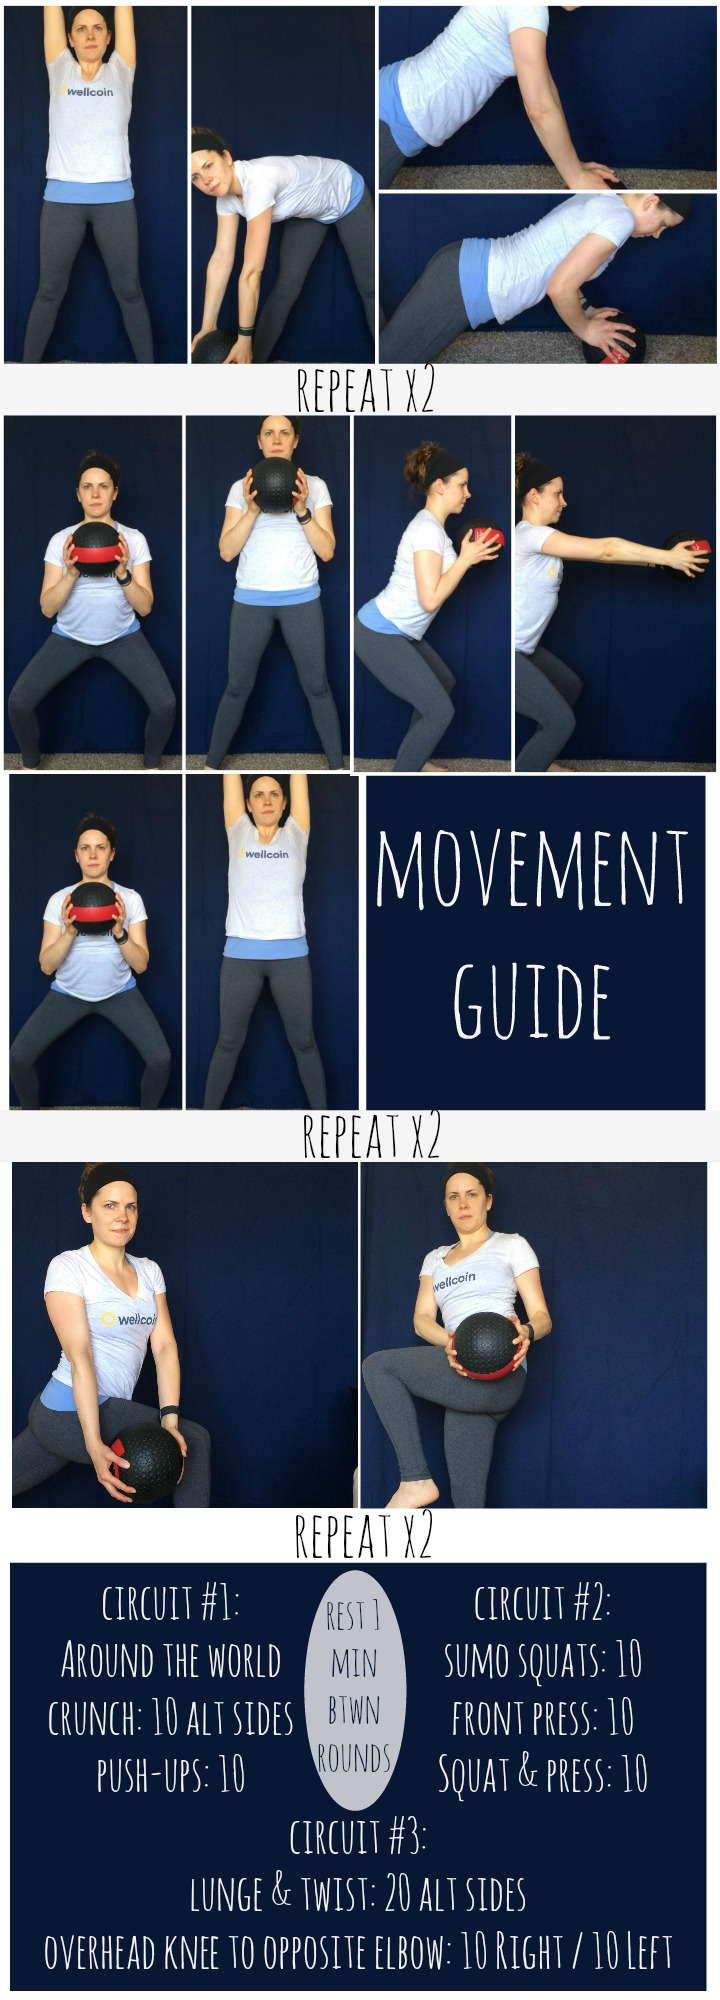 movement guide